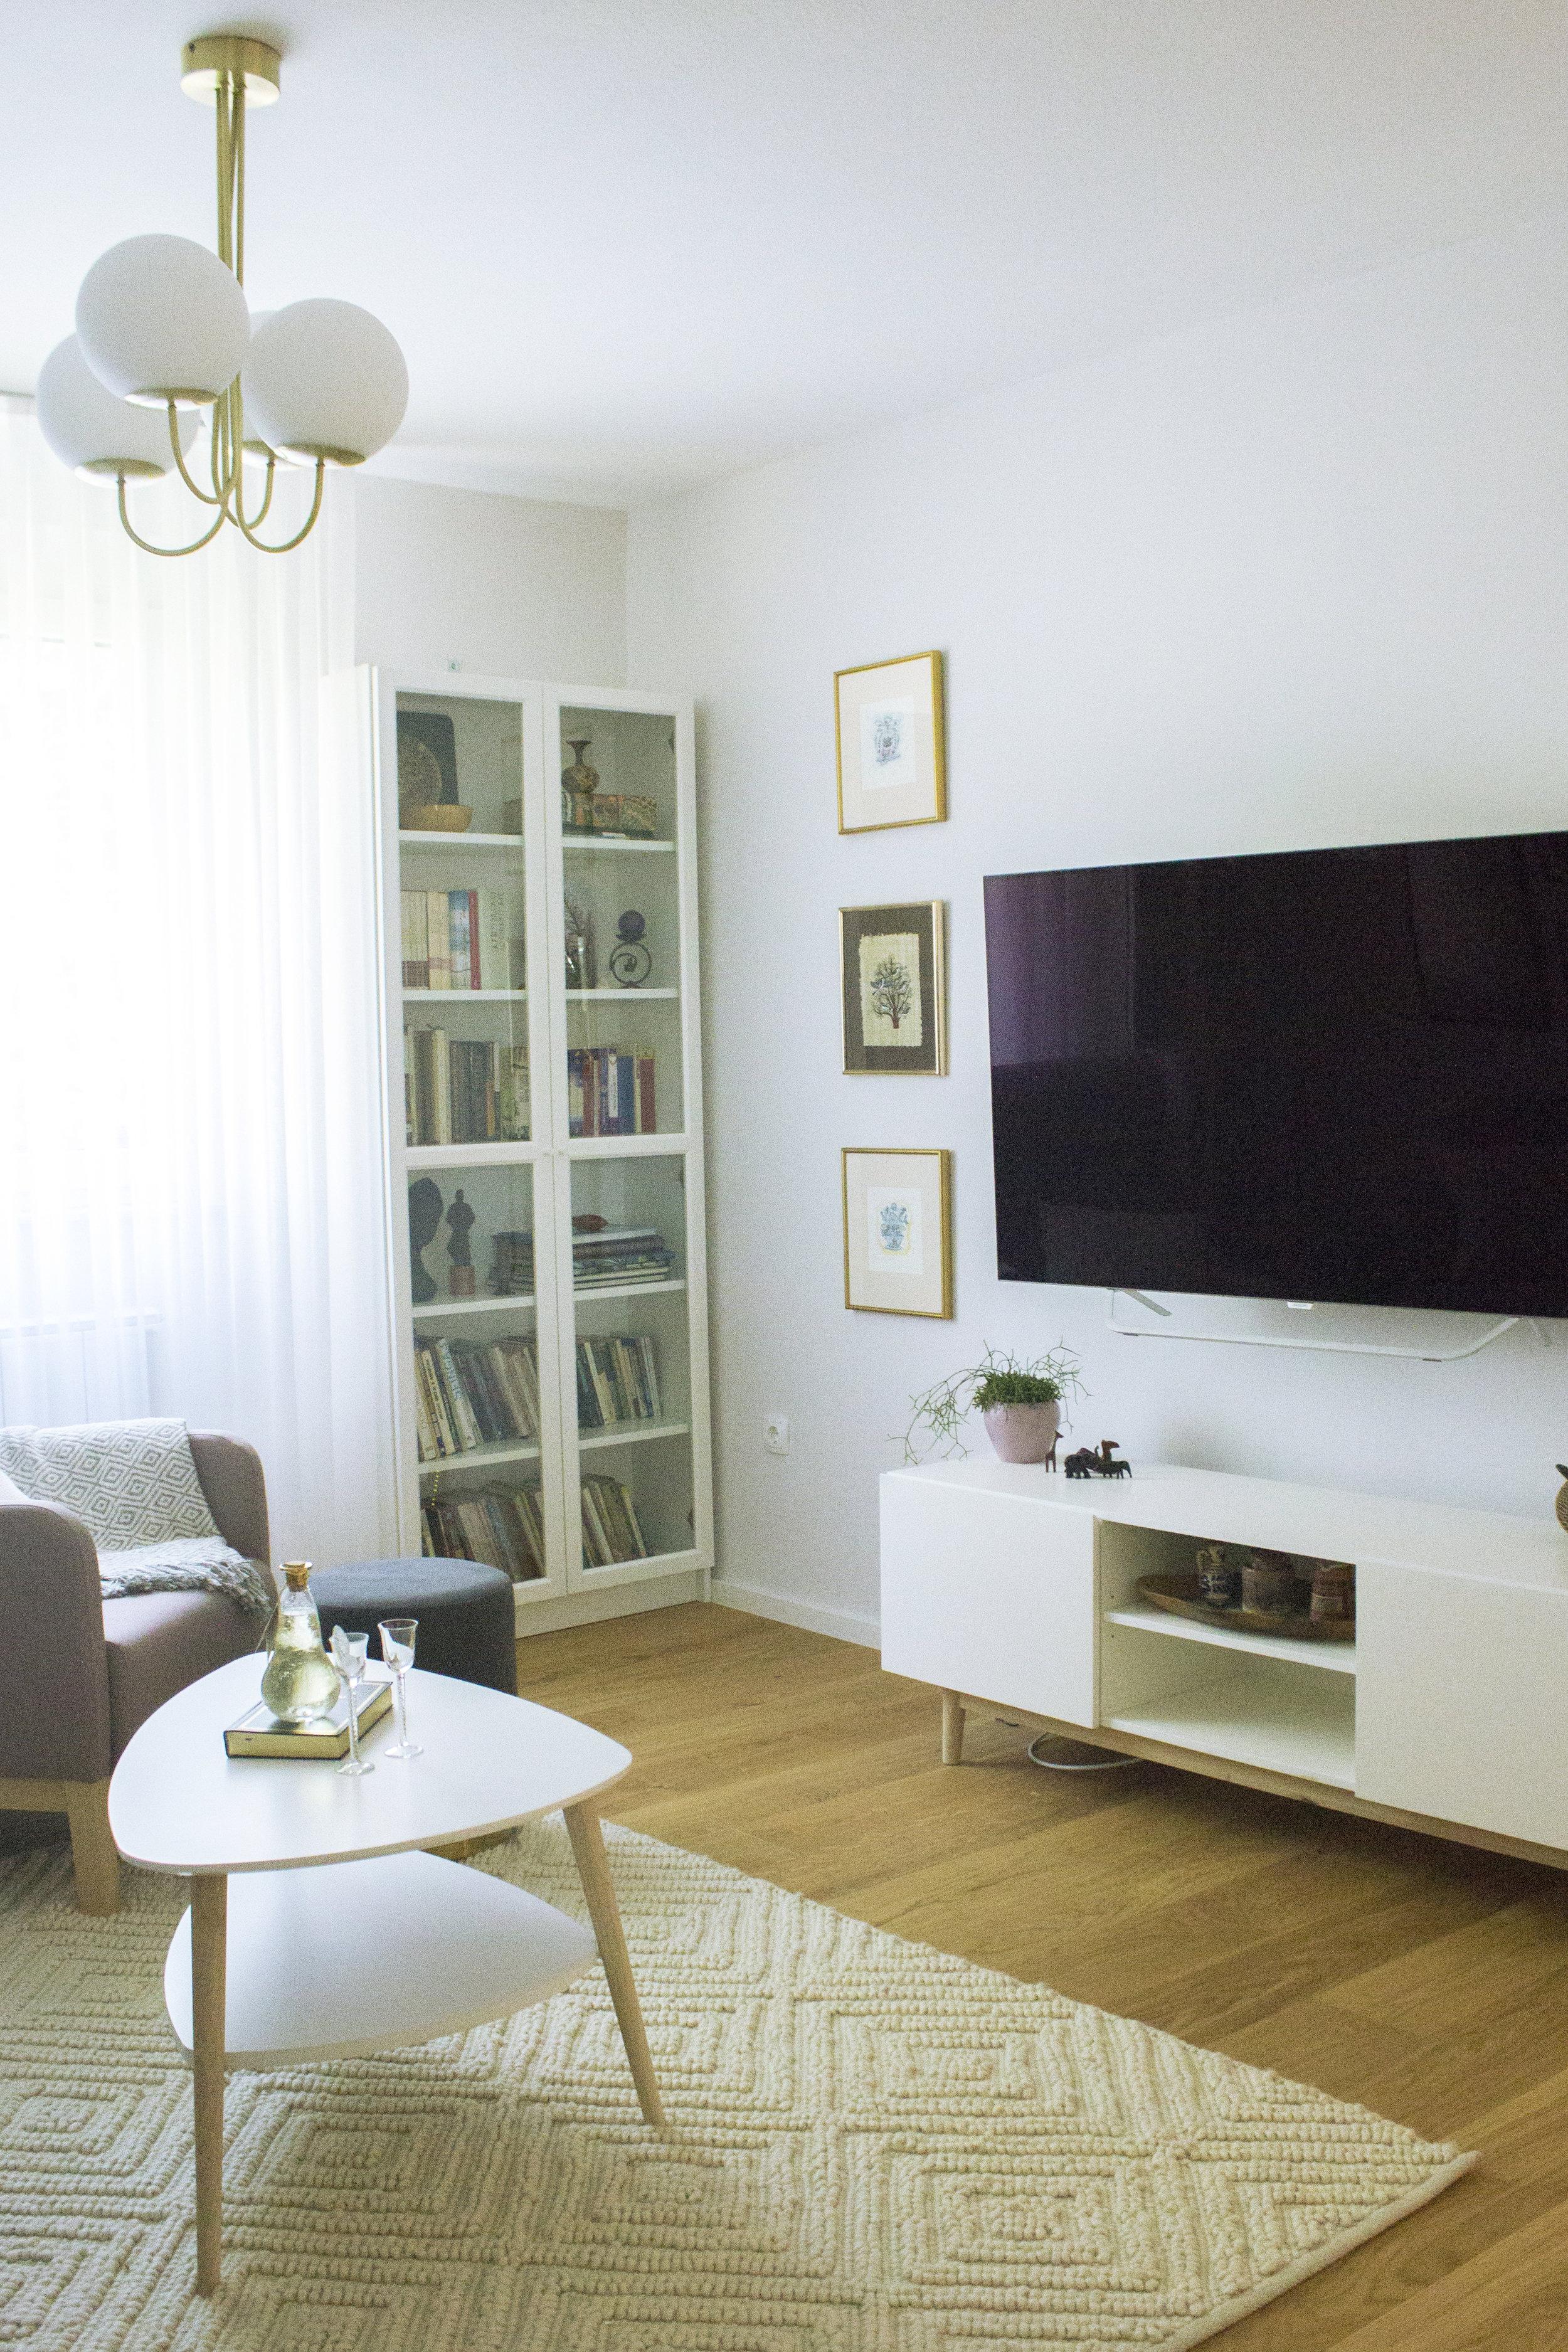 poke studio projekt_ženstvena oaza_dnevna soba-3